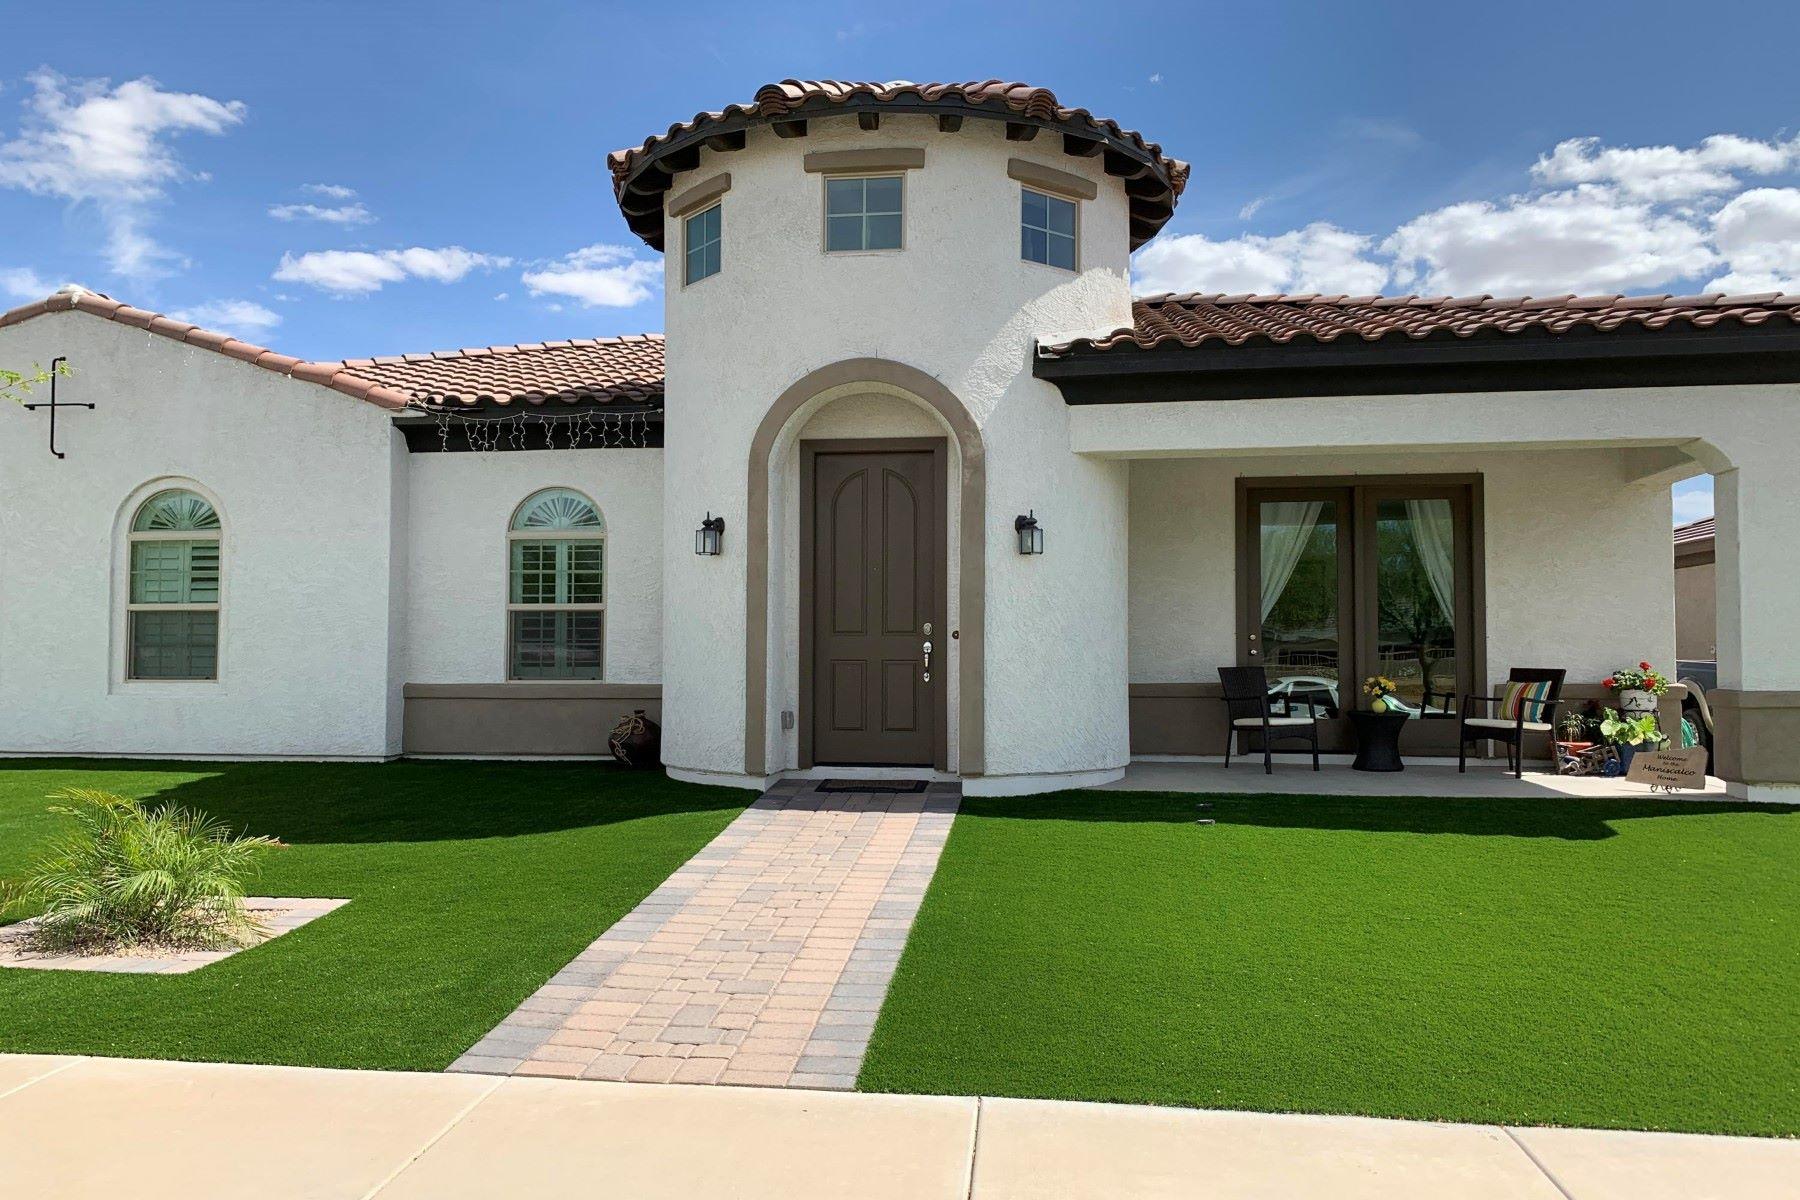 Single Family Homes for Sale at La Sentiero 22429 E SENTIERO DR Queen Creek, Arizona 85142 United States